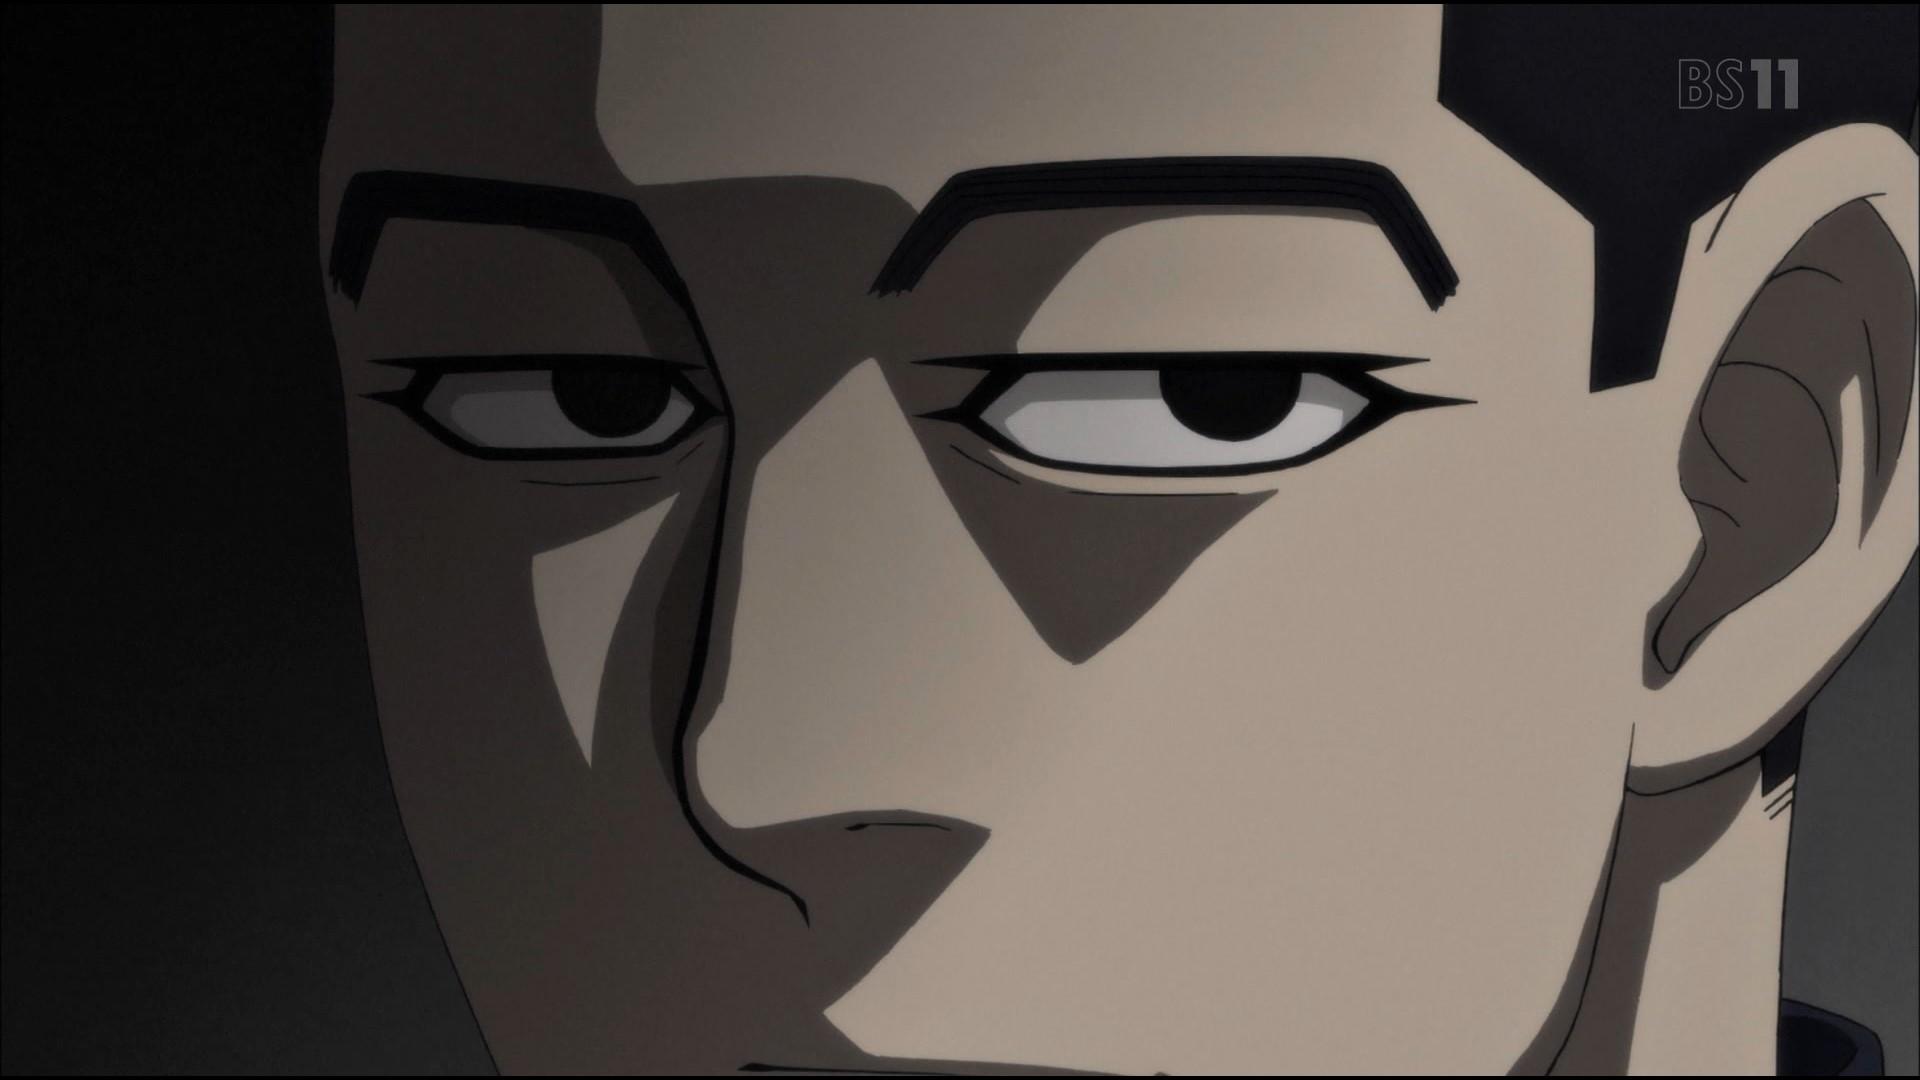 カムイ 声優 ゴールデン 尾形 ゴールデンカムイ尾形百之助はかっこいい!ドヤ顔山猫上等兵言うなw